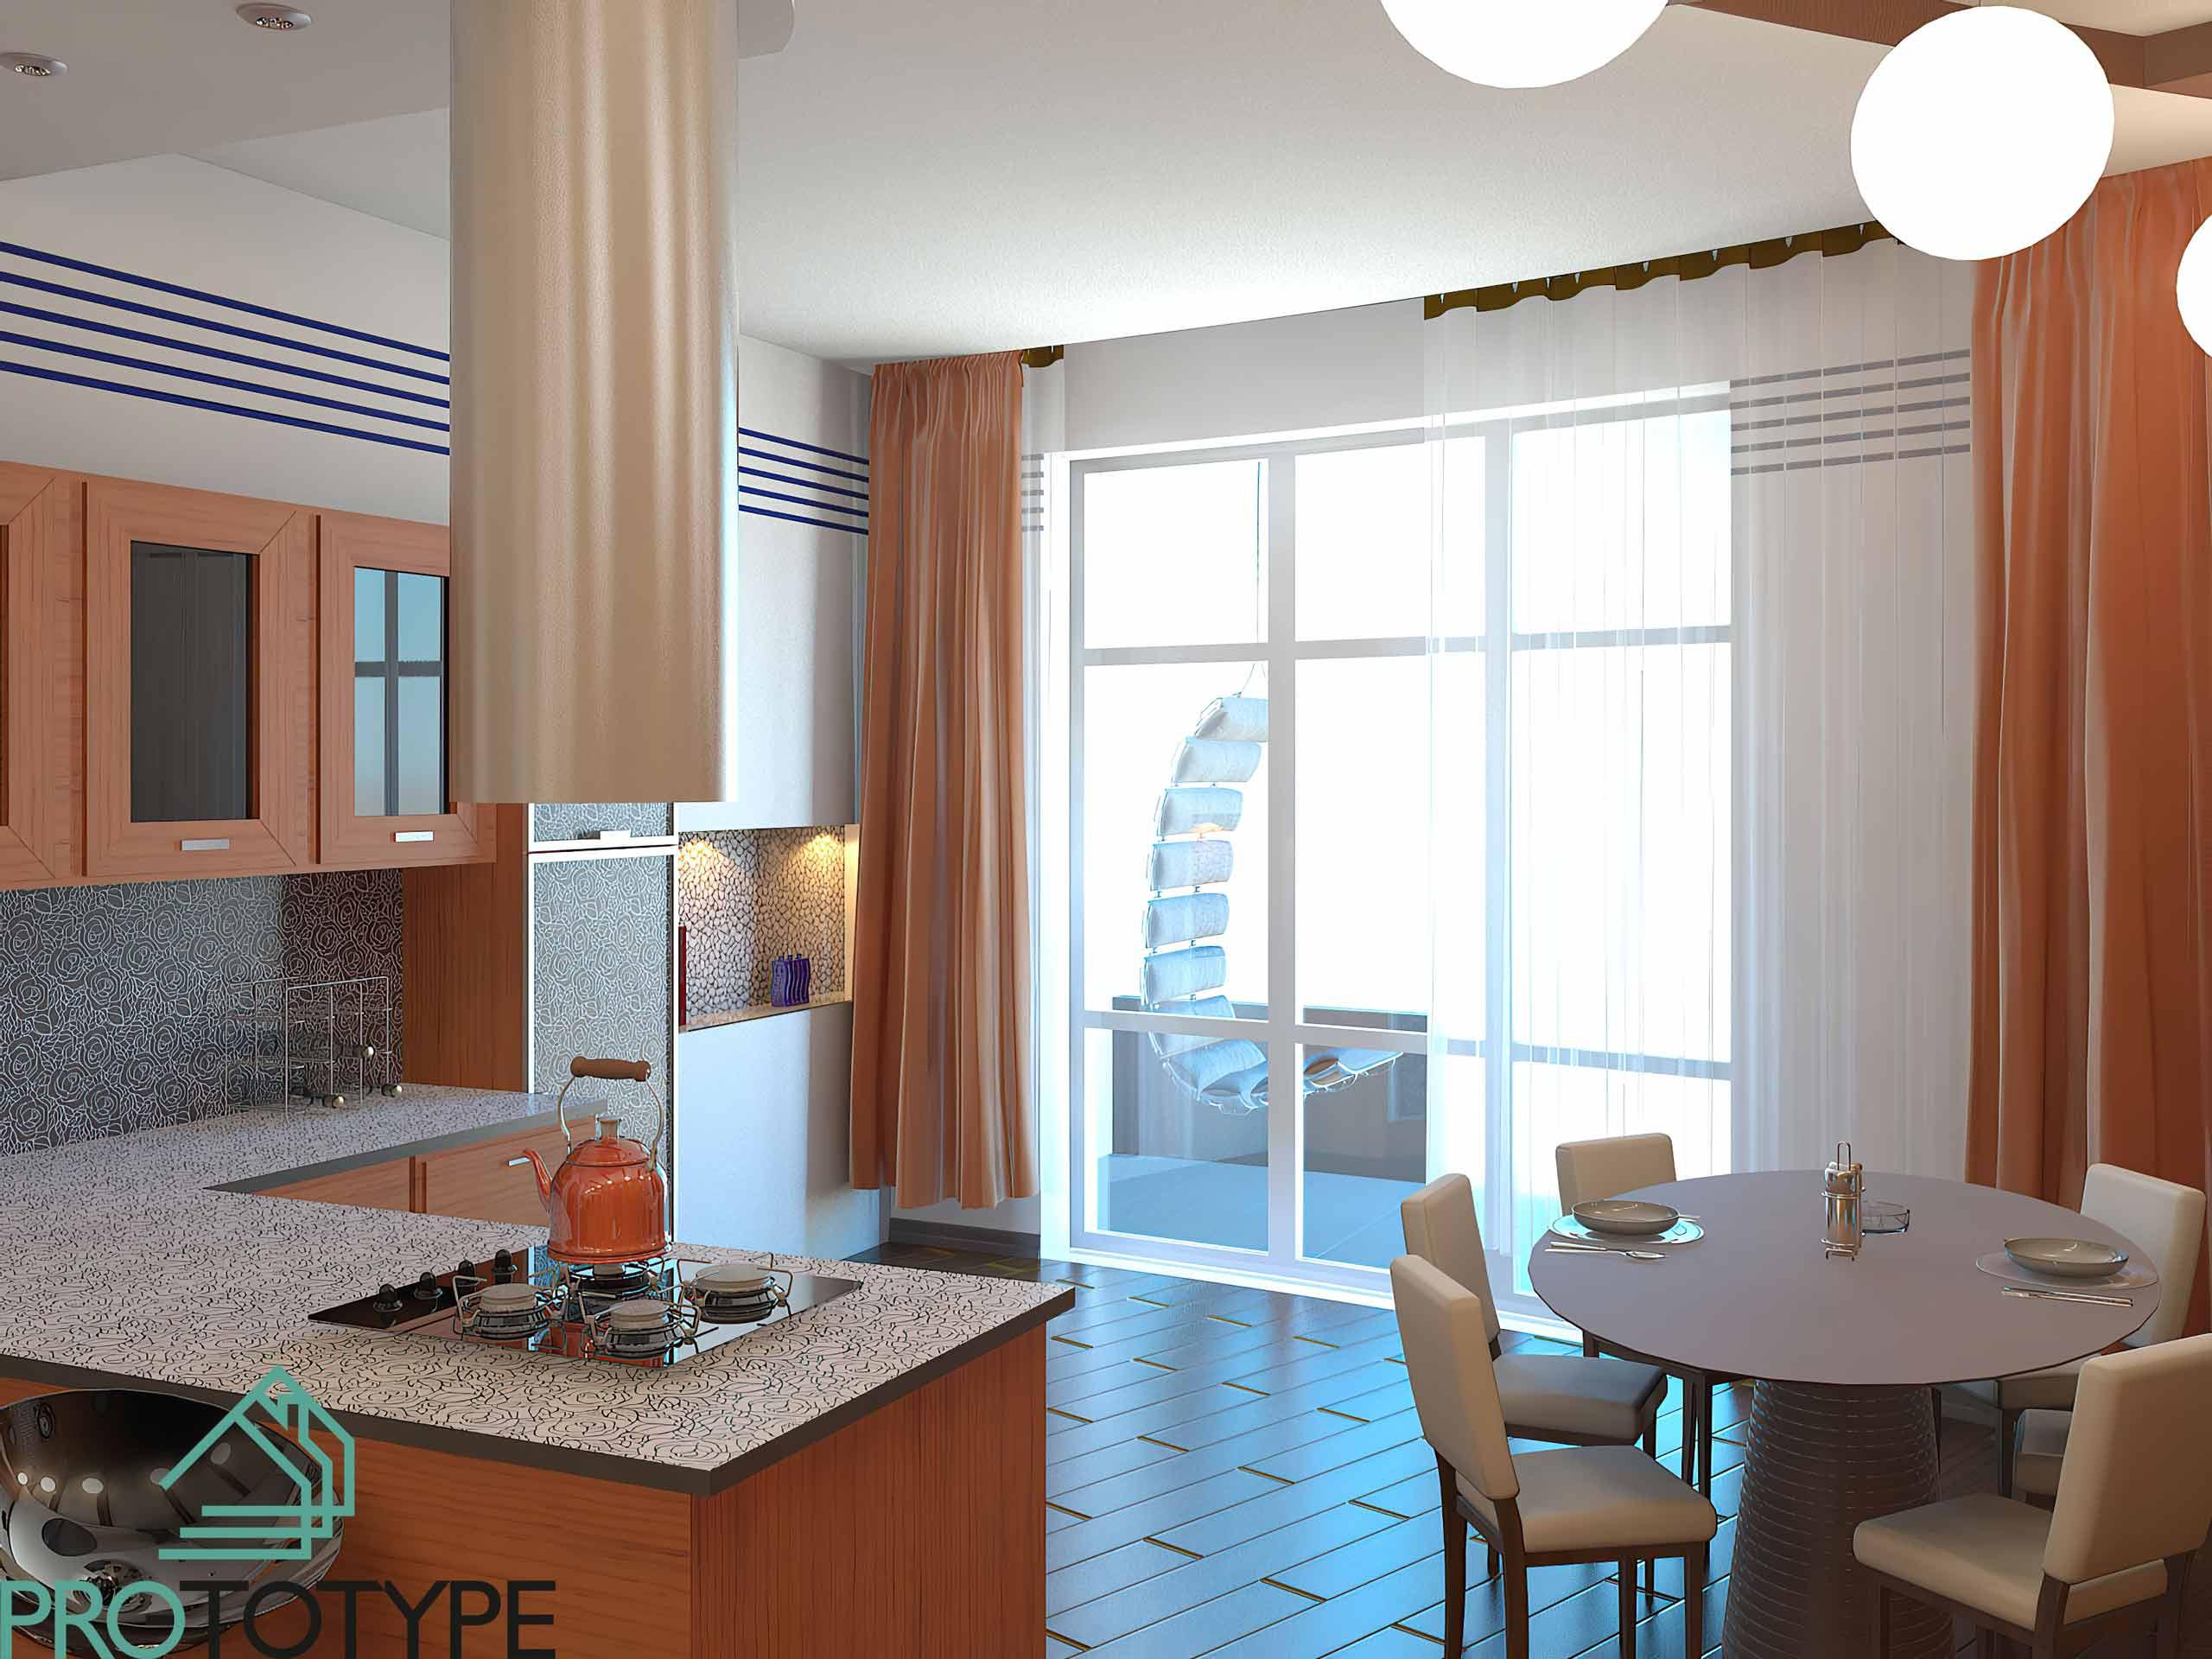 Визуализация кухни и столовой